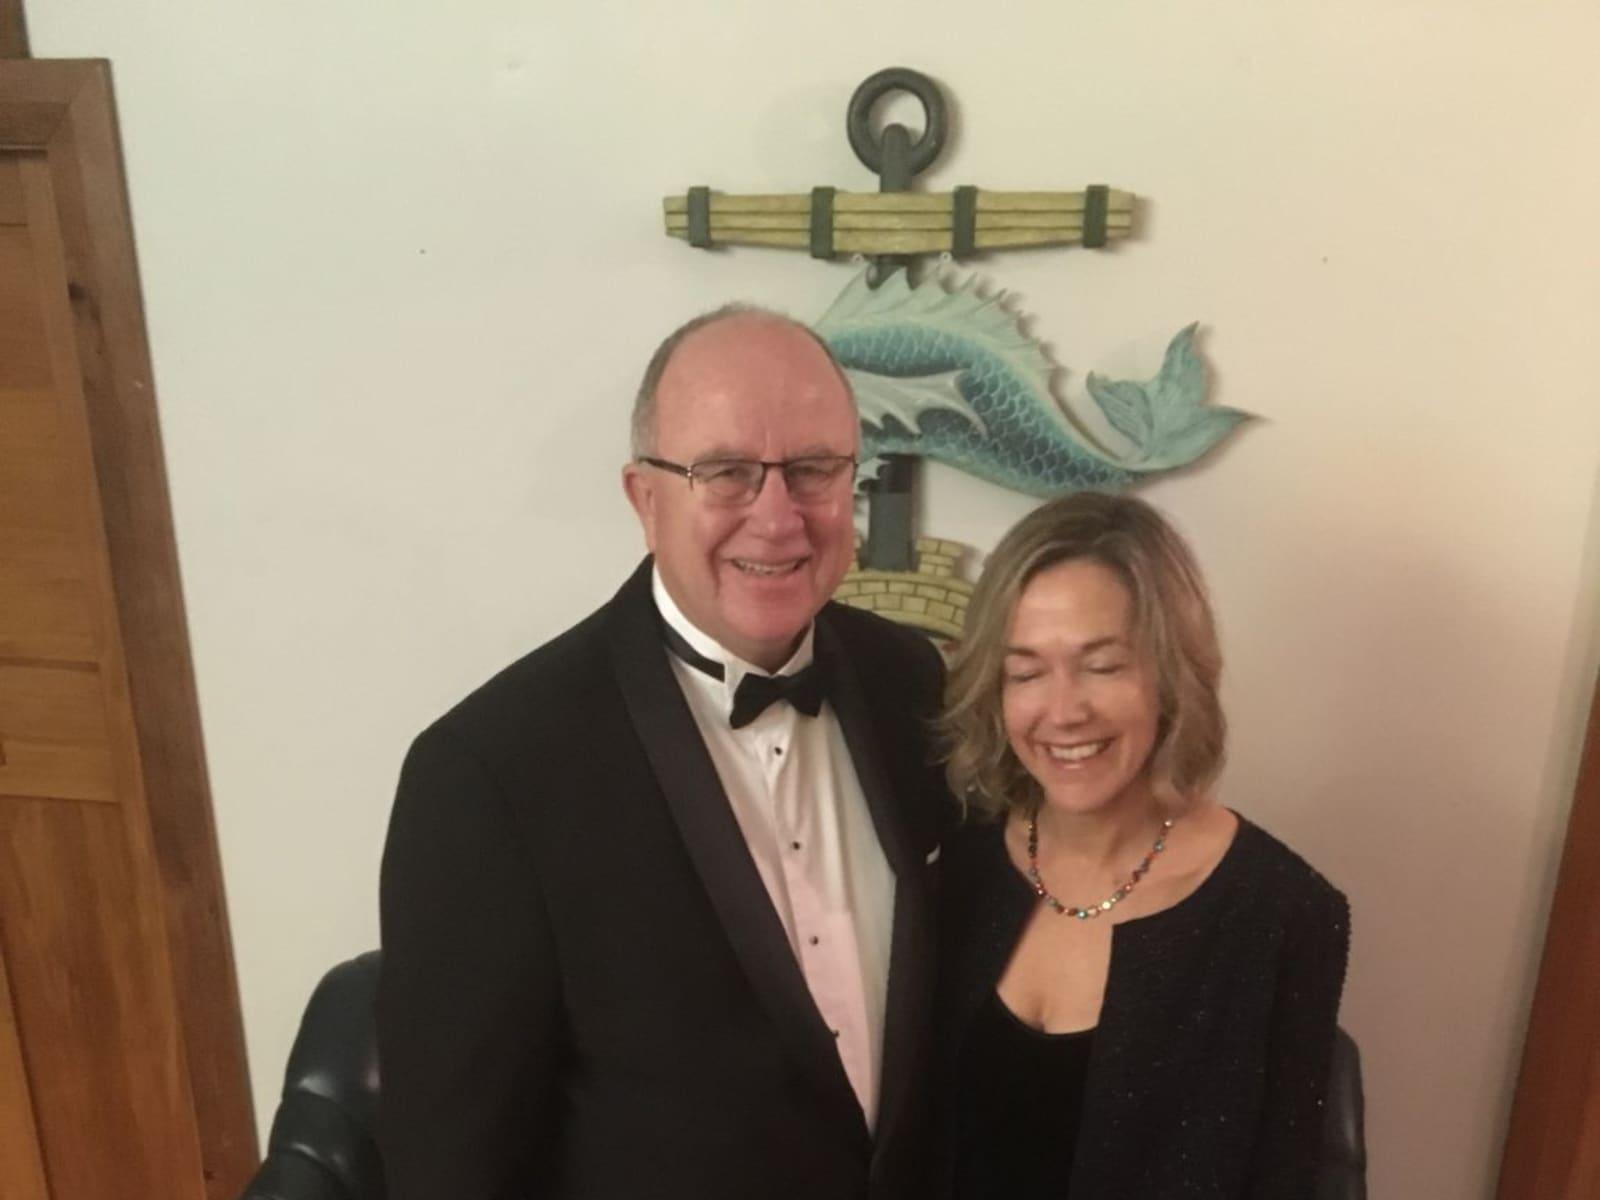 Tony & Janice from Wellington, New Zealand